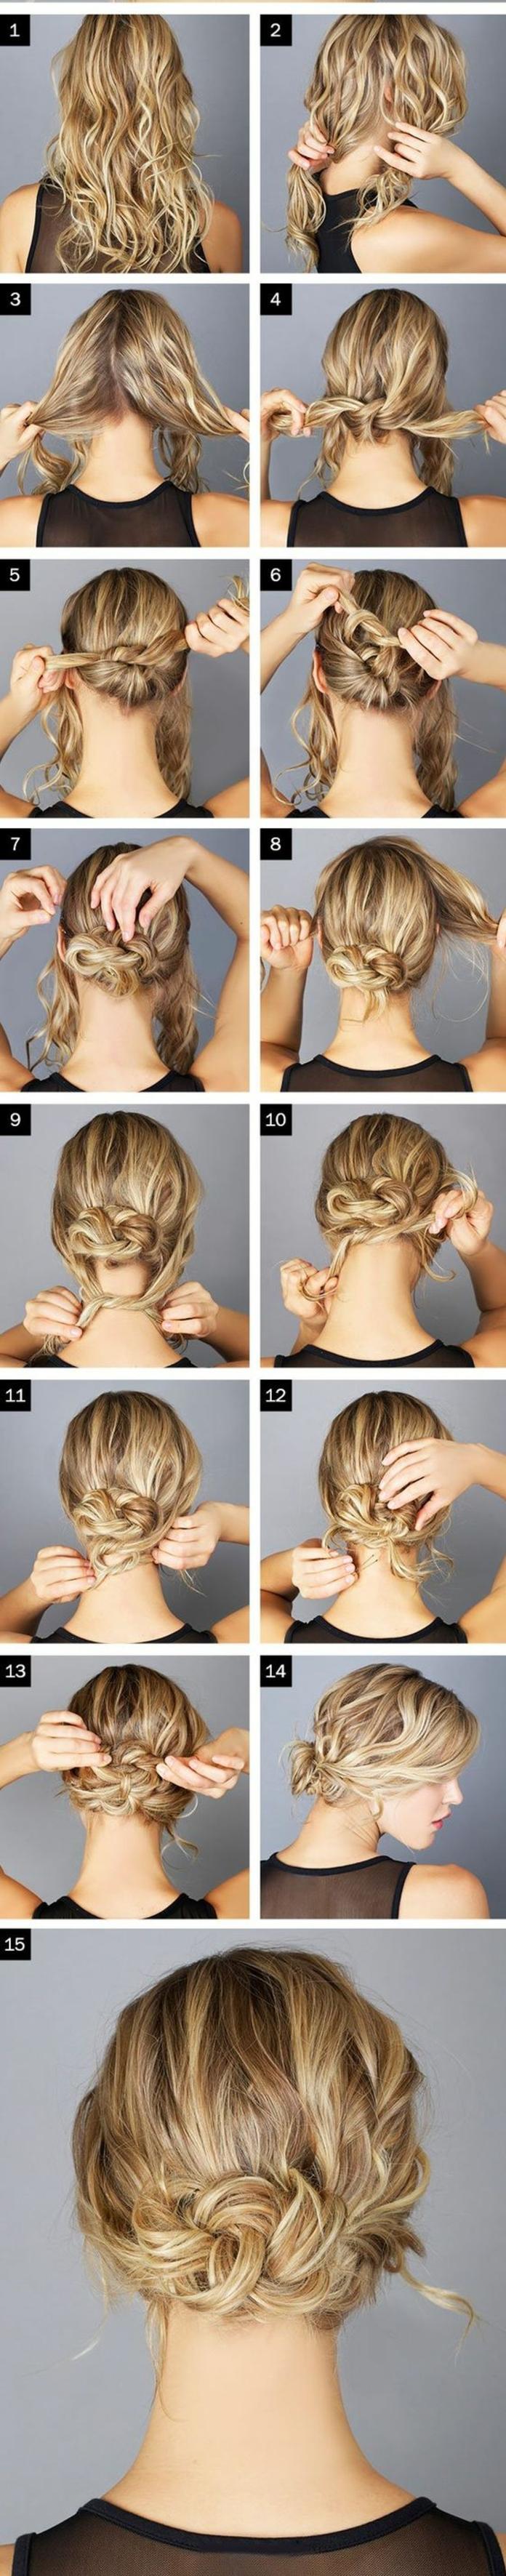 chignon-facile-a-faire-coiffure-originale-a-faire-soi-meme